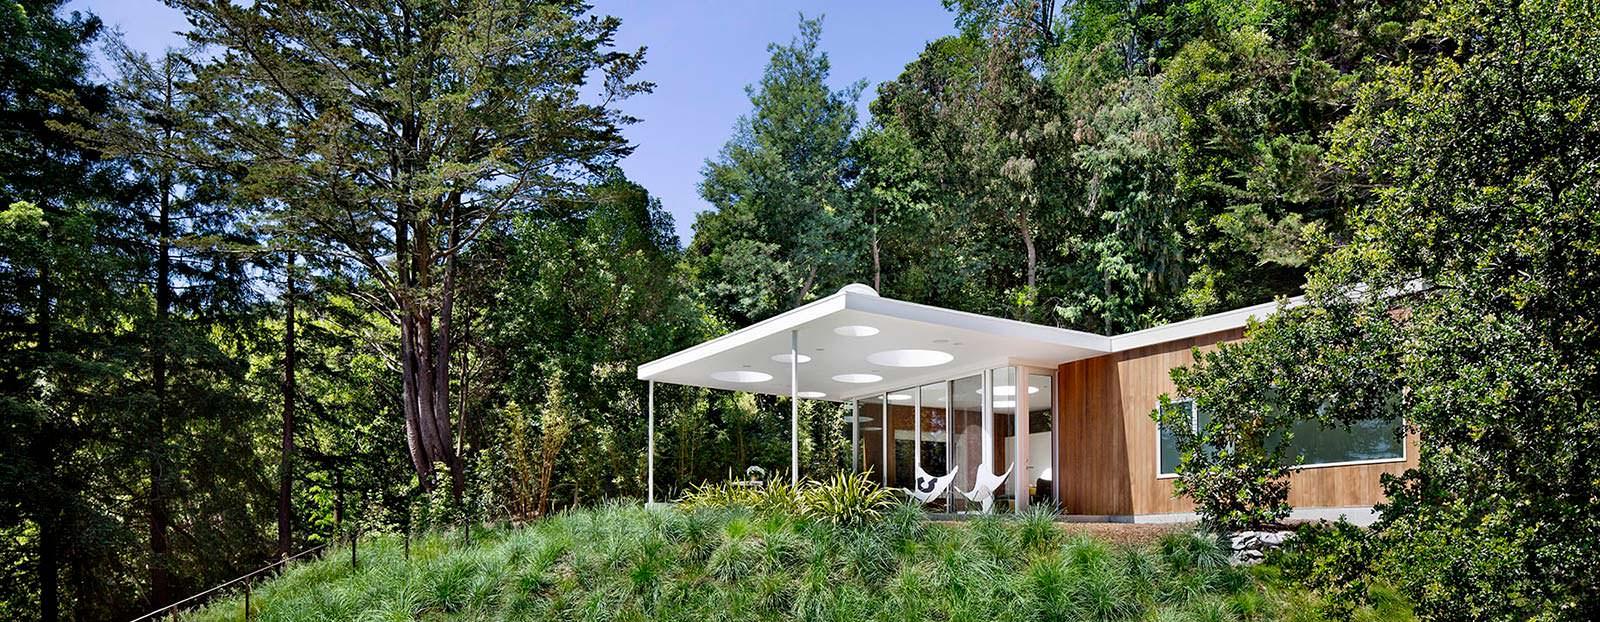 Фото | Гостевой дом с верандой. Проект Turnbull Griffin